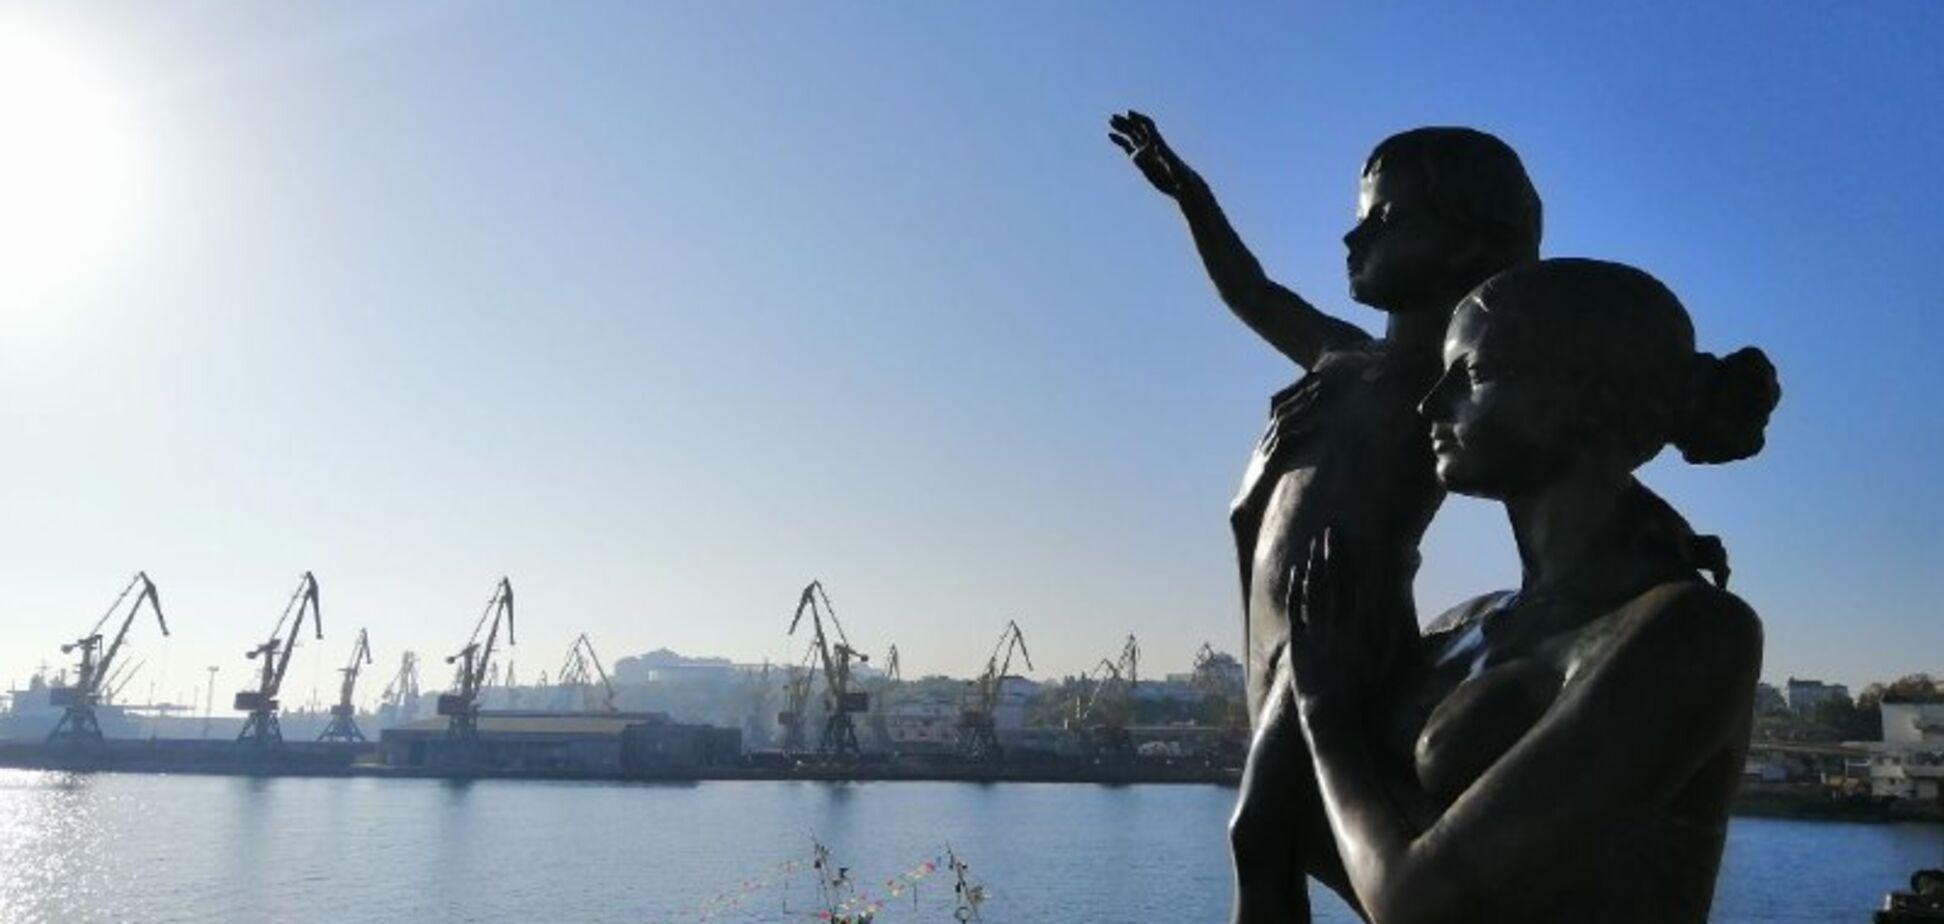 Холодное море и безлюдные улицы: как выглядит осенняя Одесса